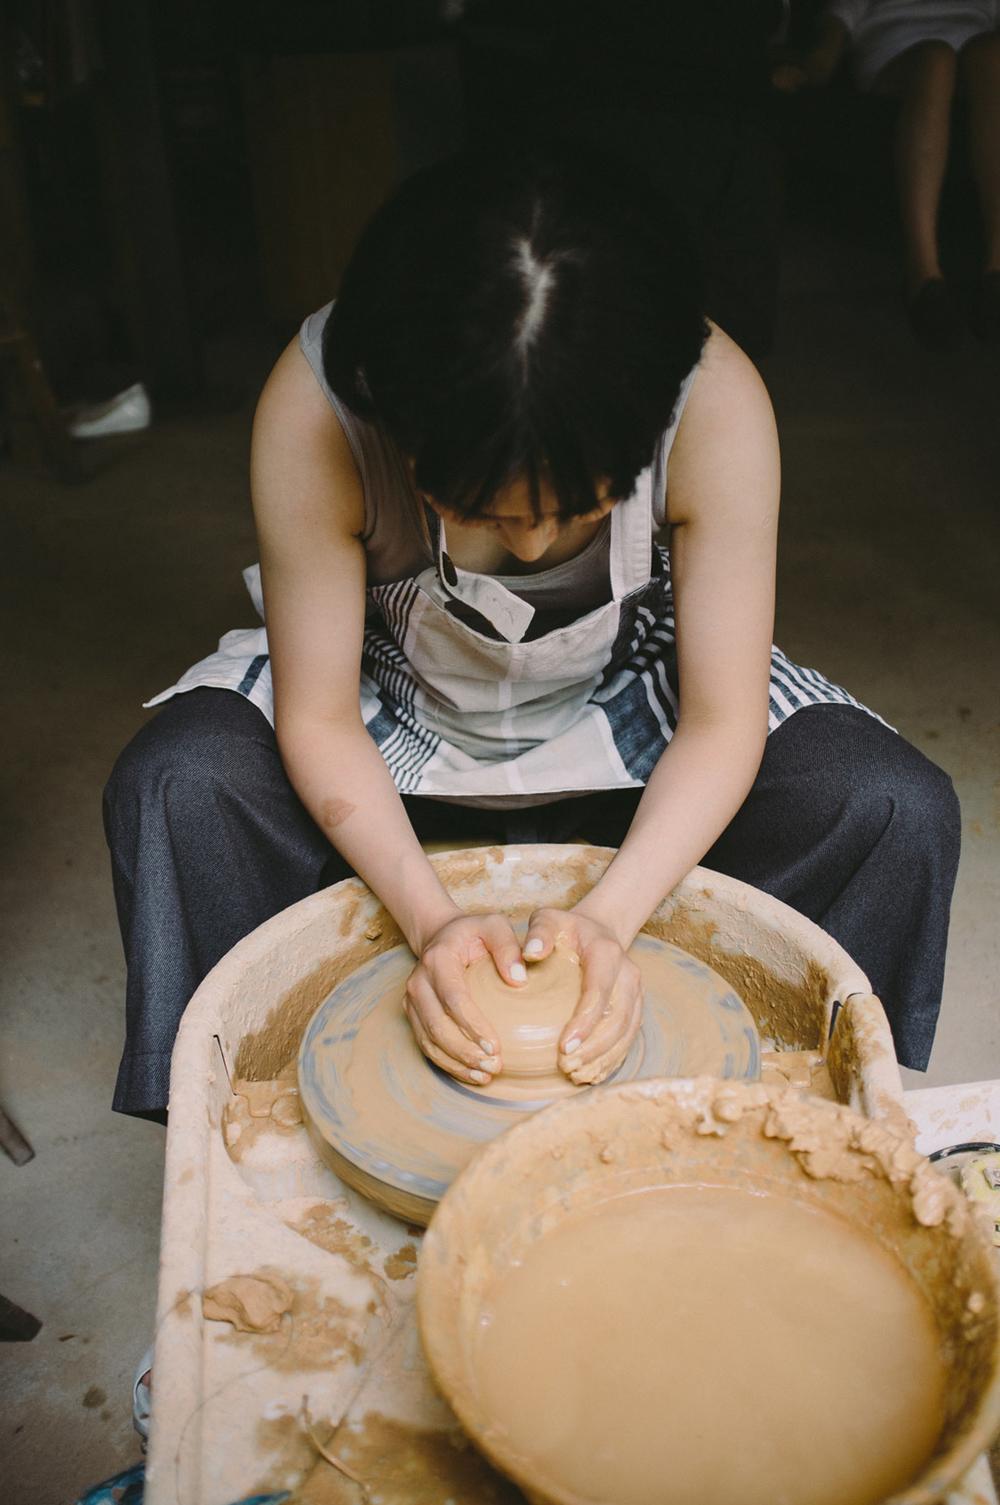 pottery_xishuanbanna-22.jpg